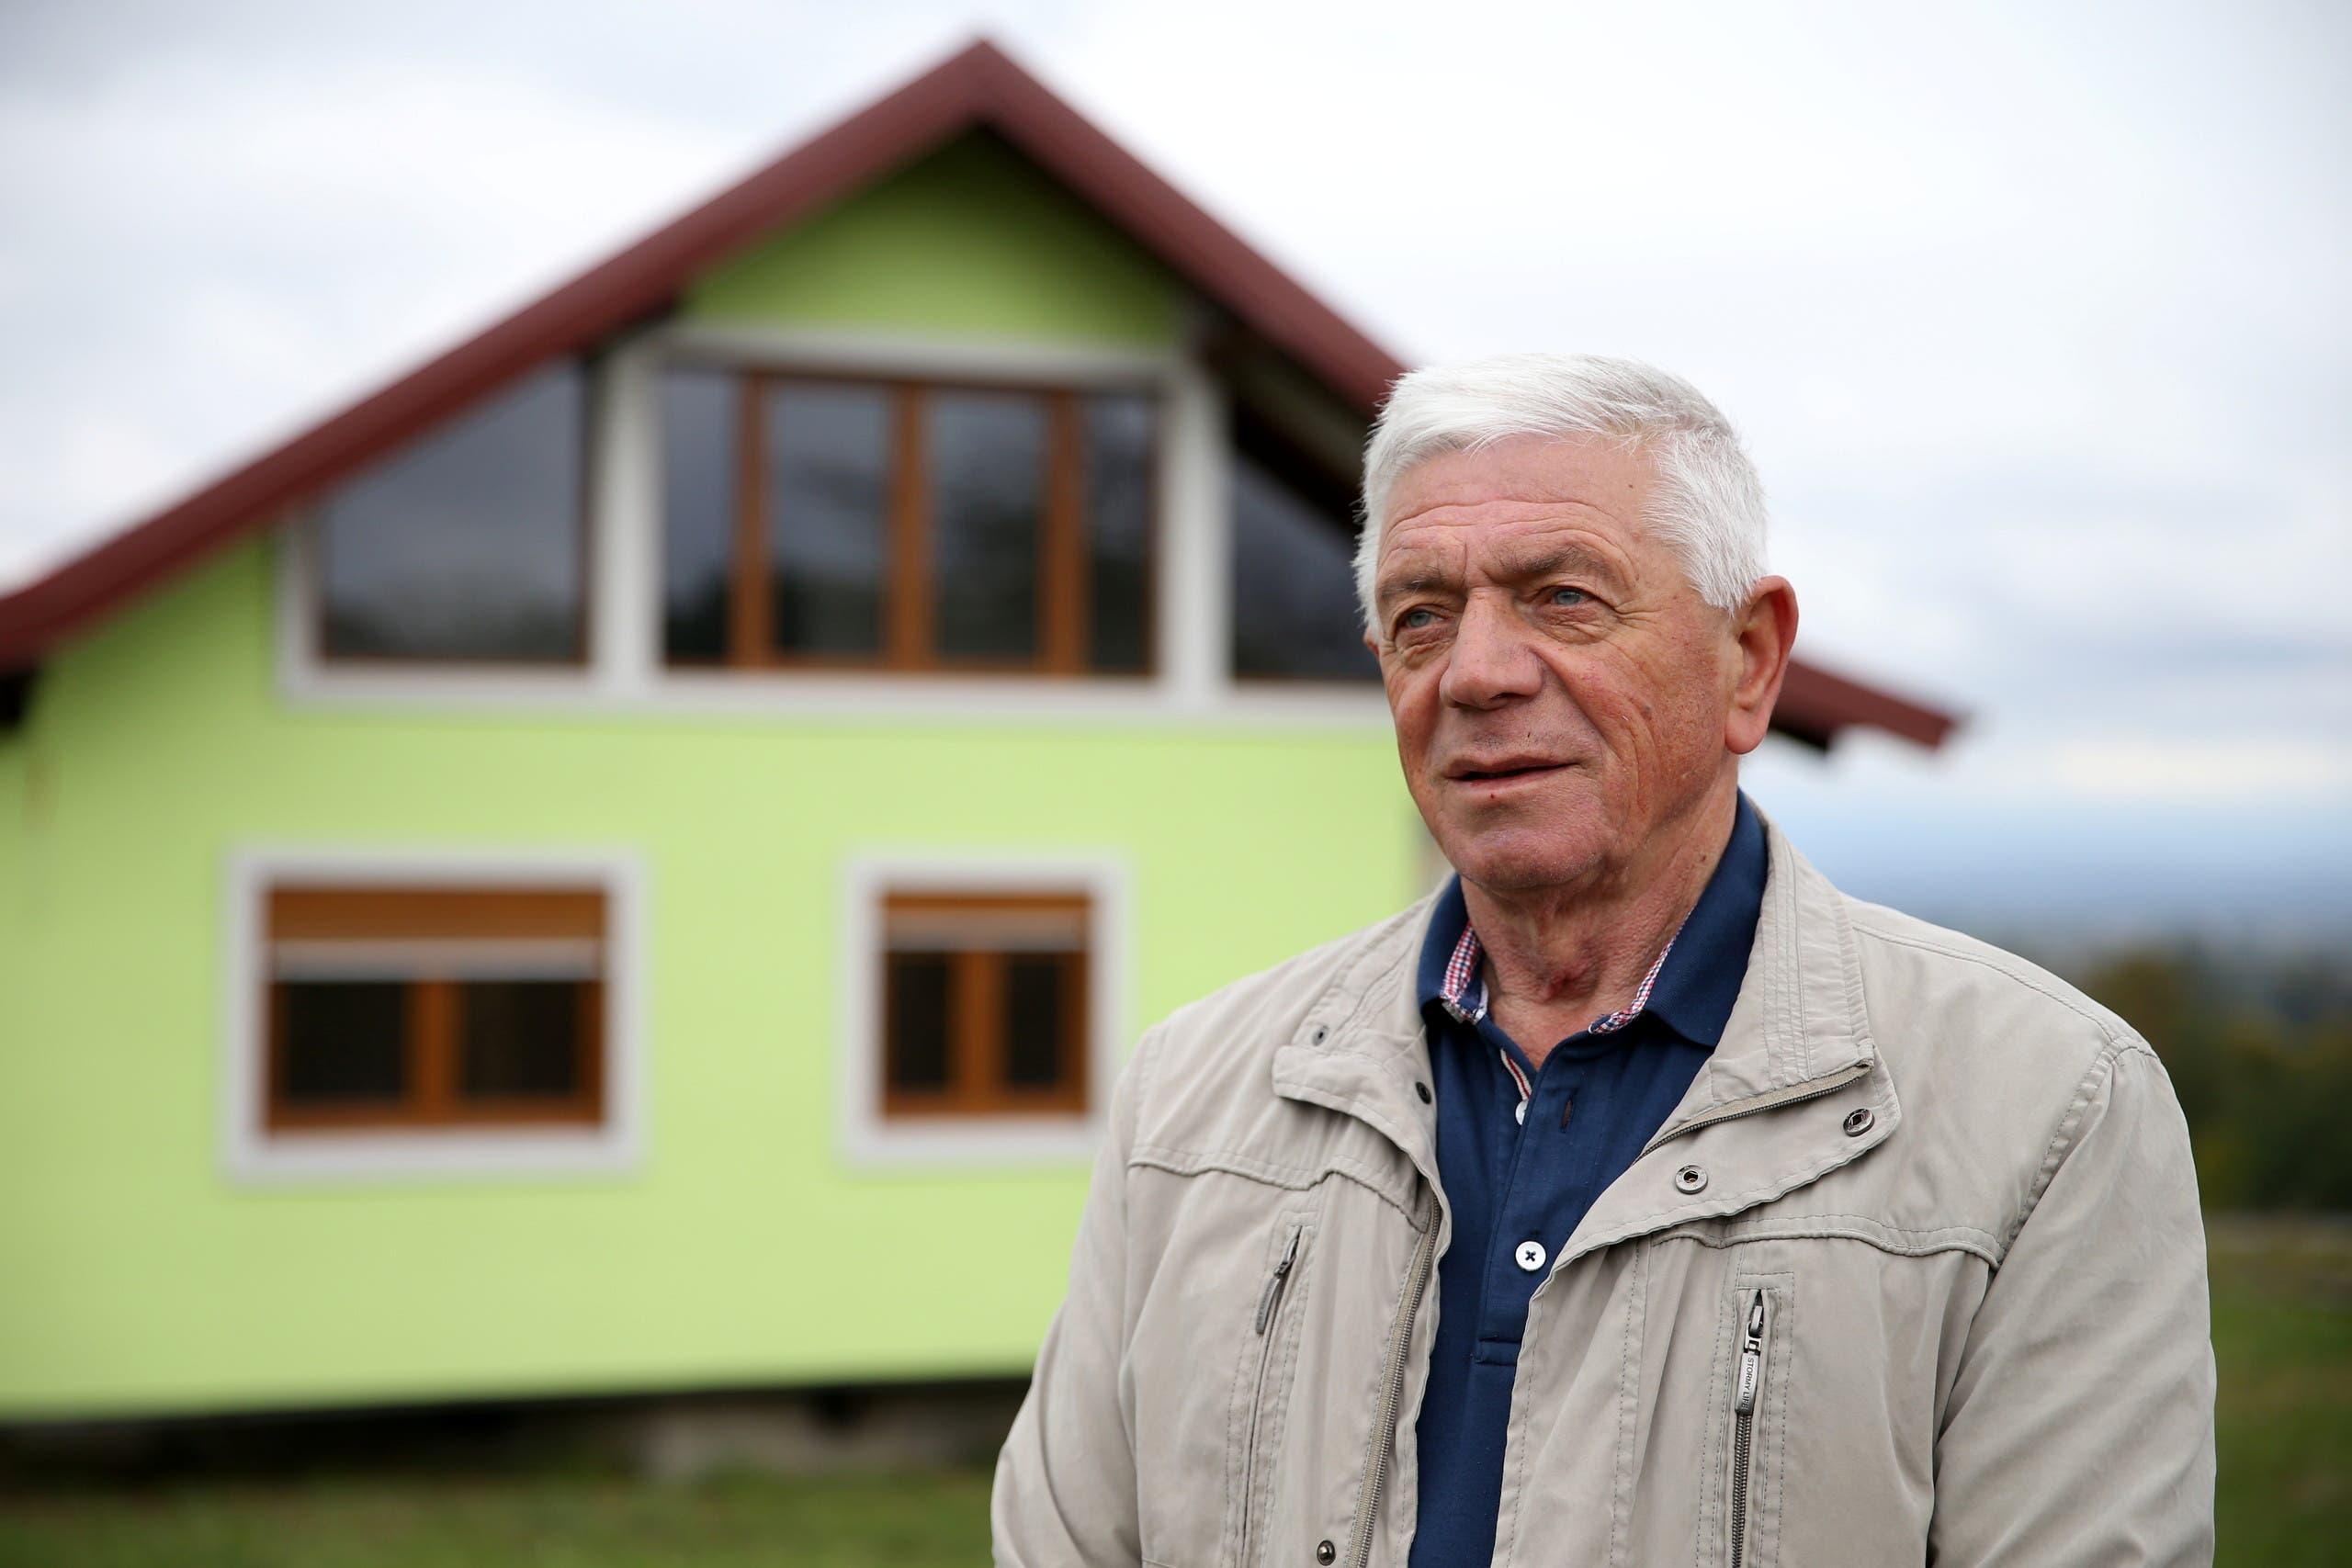 فوجين كوسيتش أمام المنزل